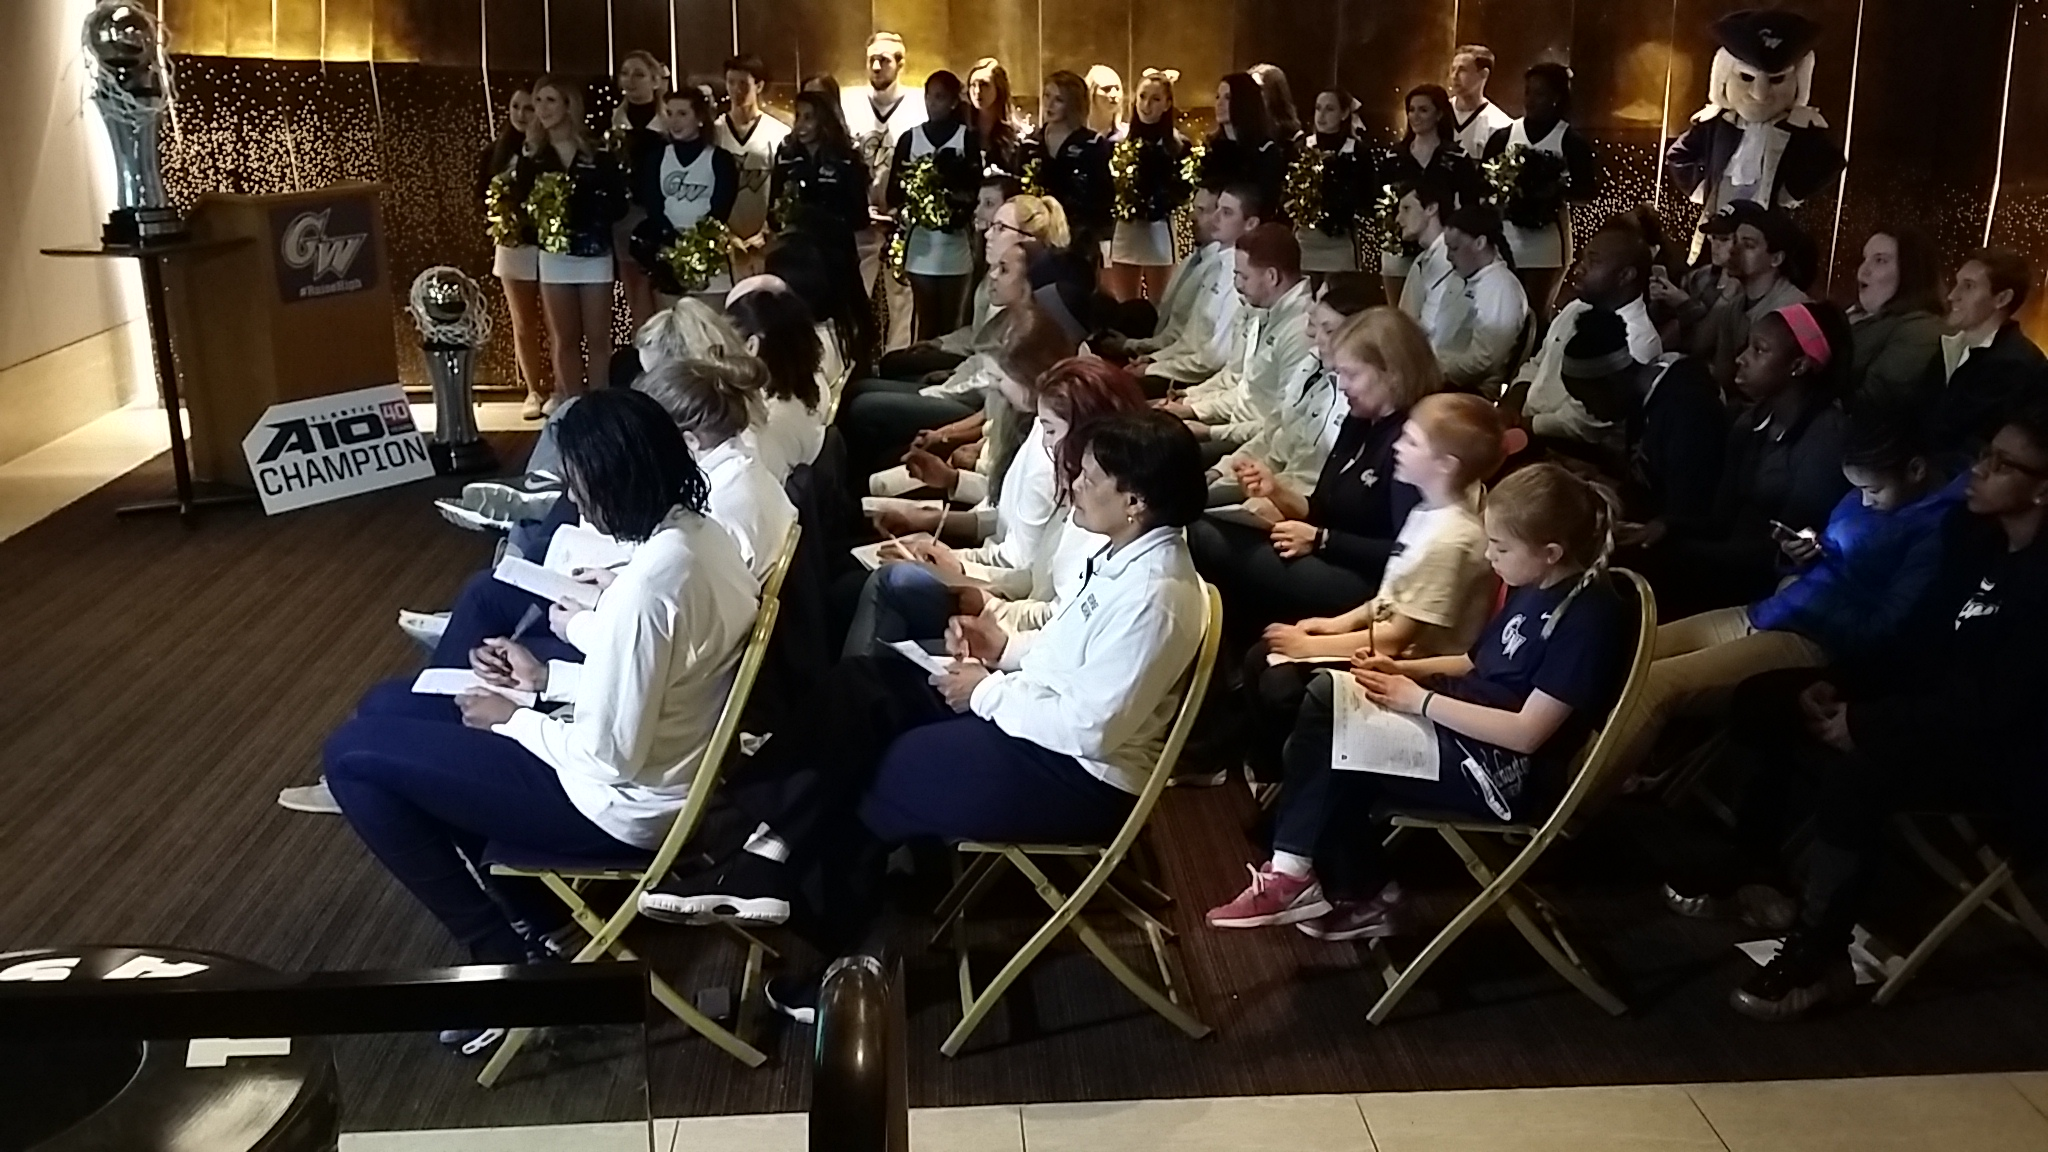 George Washington women to face Kansas State in NCAA Tournament